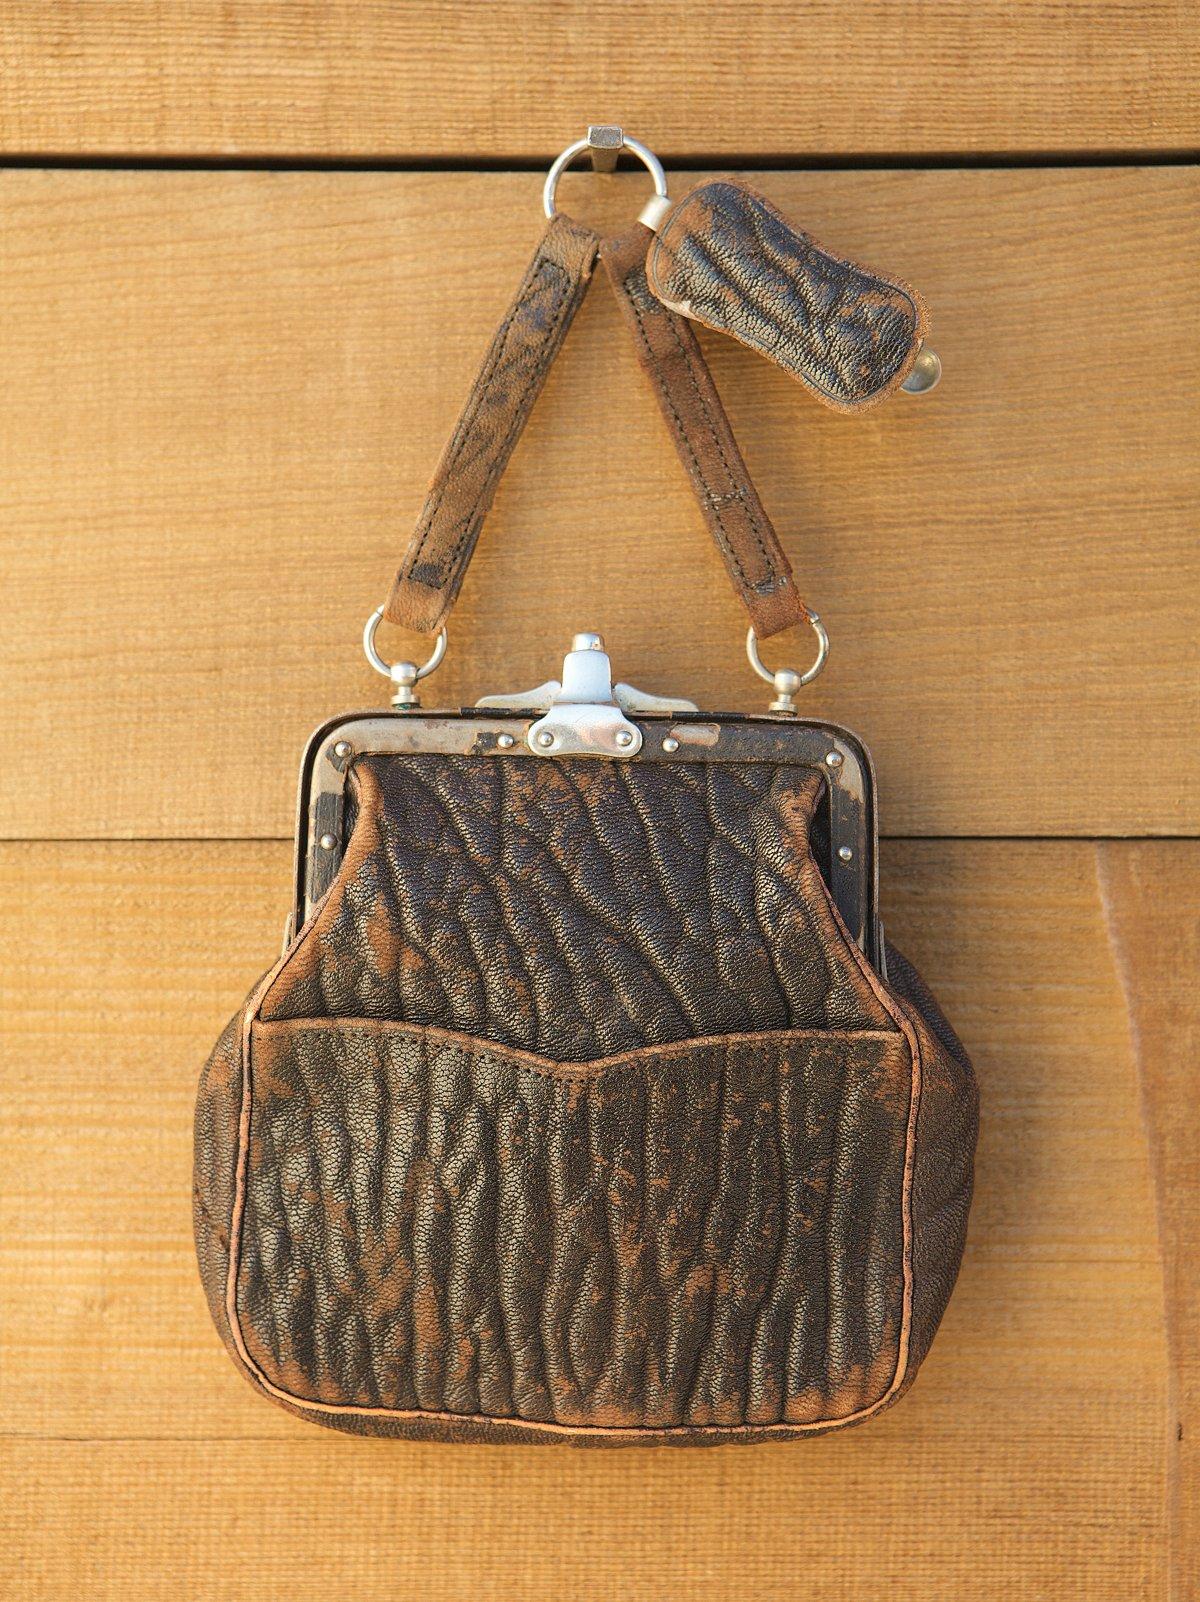 Vintage Cracked Leather Bag